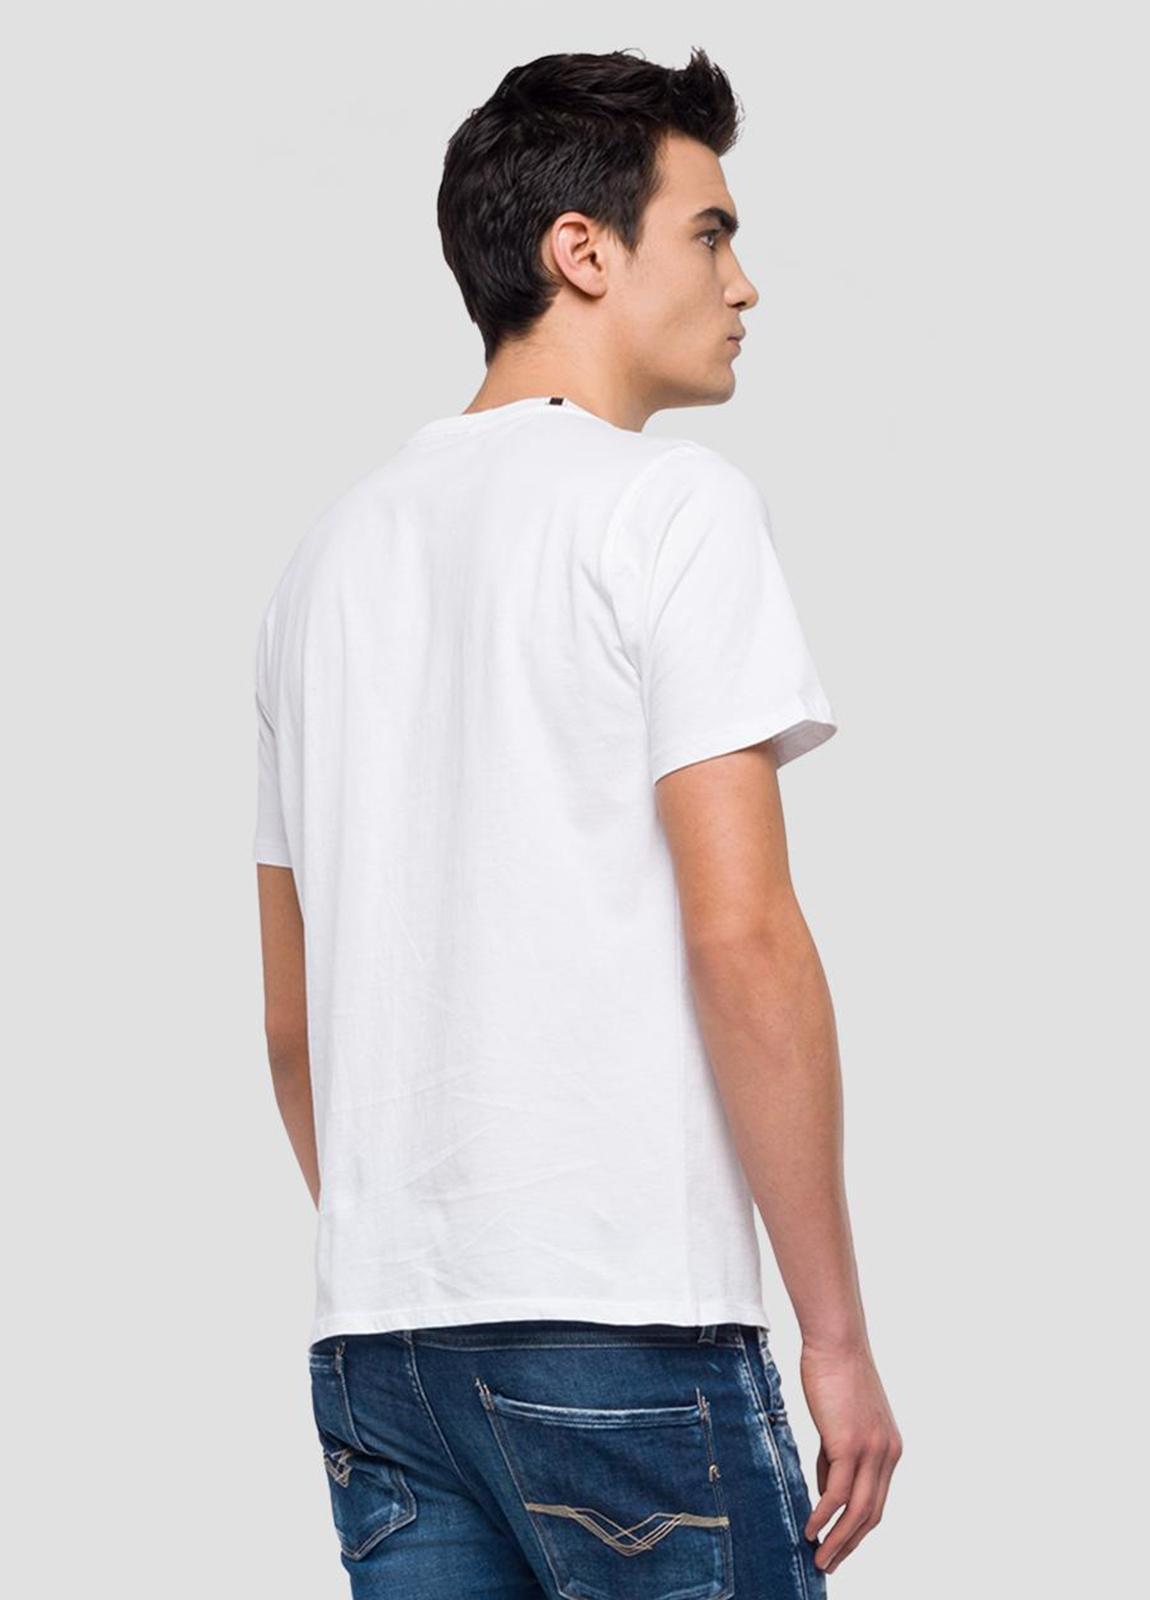 Camiseta manga corta color blanco con estampado Replay. 100% Algodón. - Ítem2